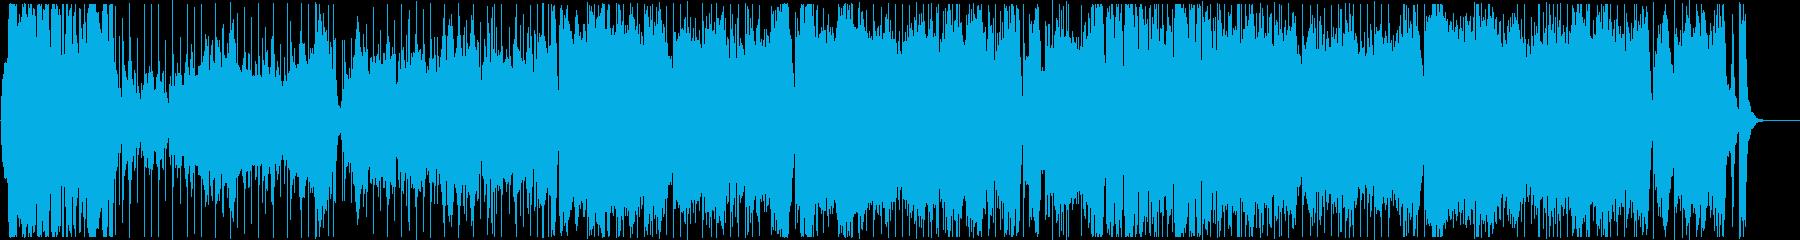 昭和の映画音楽風オーケストラ_typeCの再生済みの波形